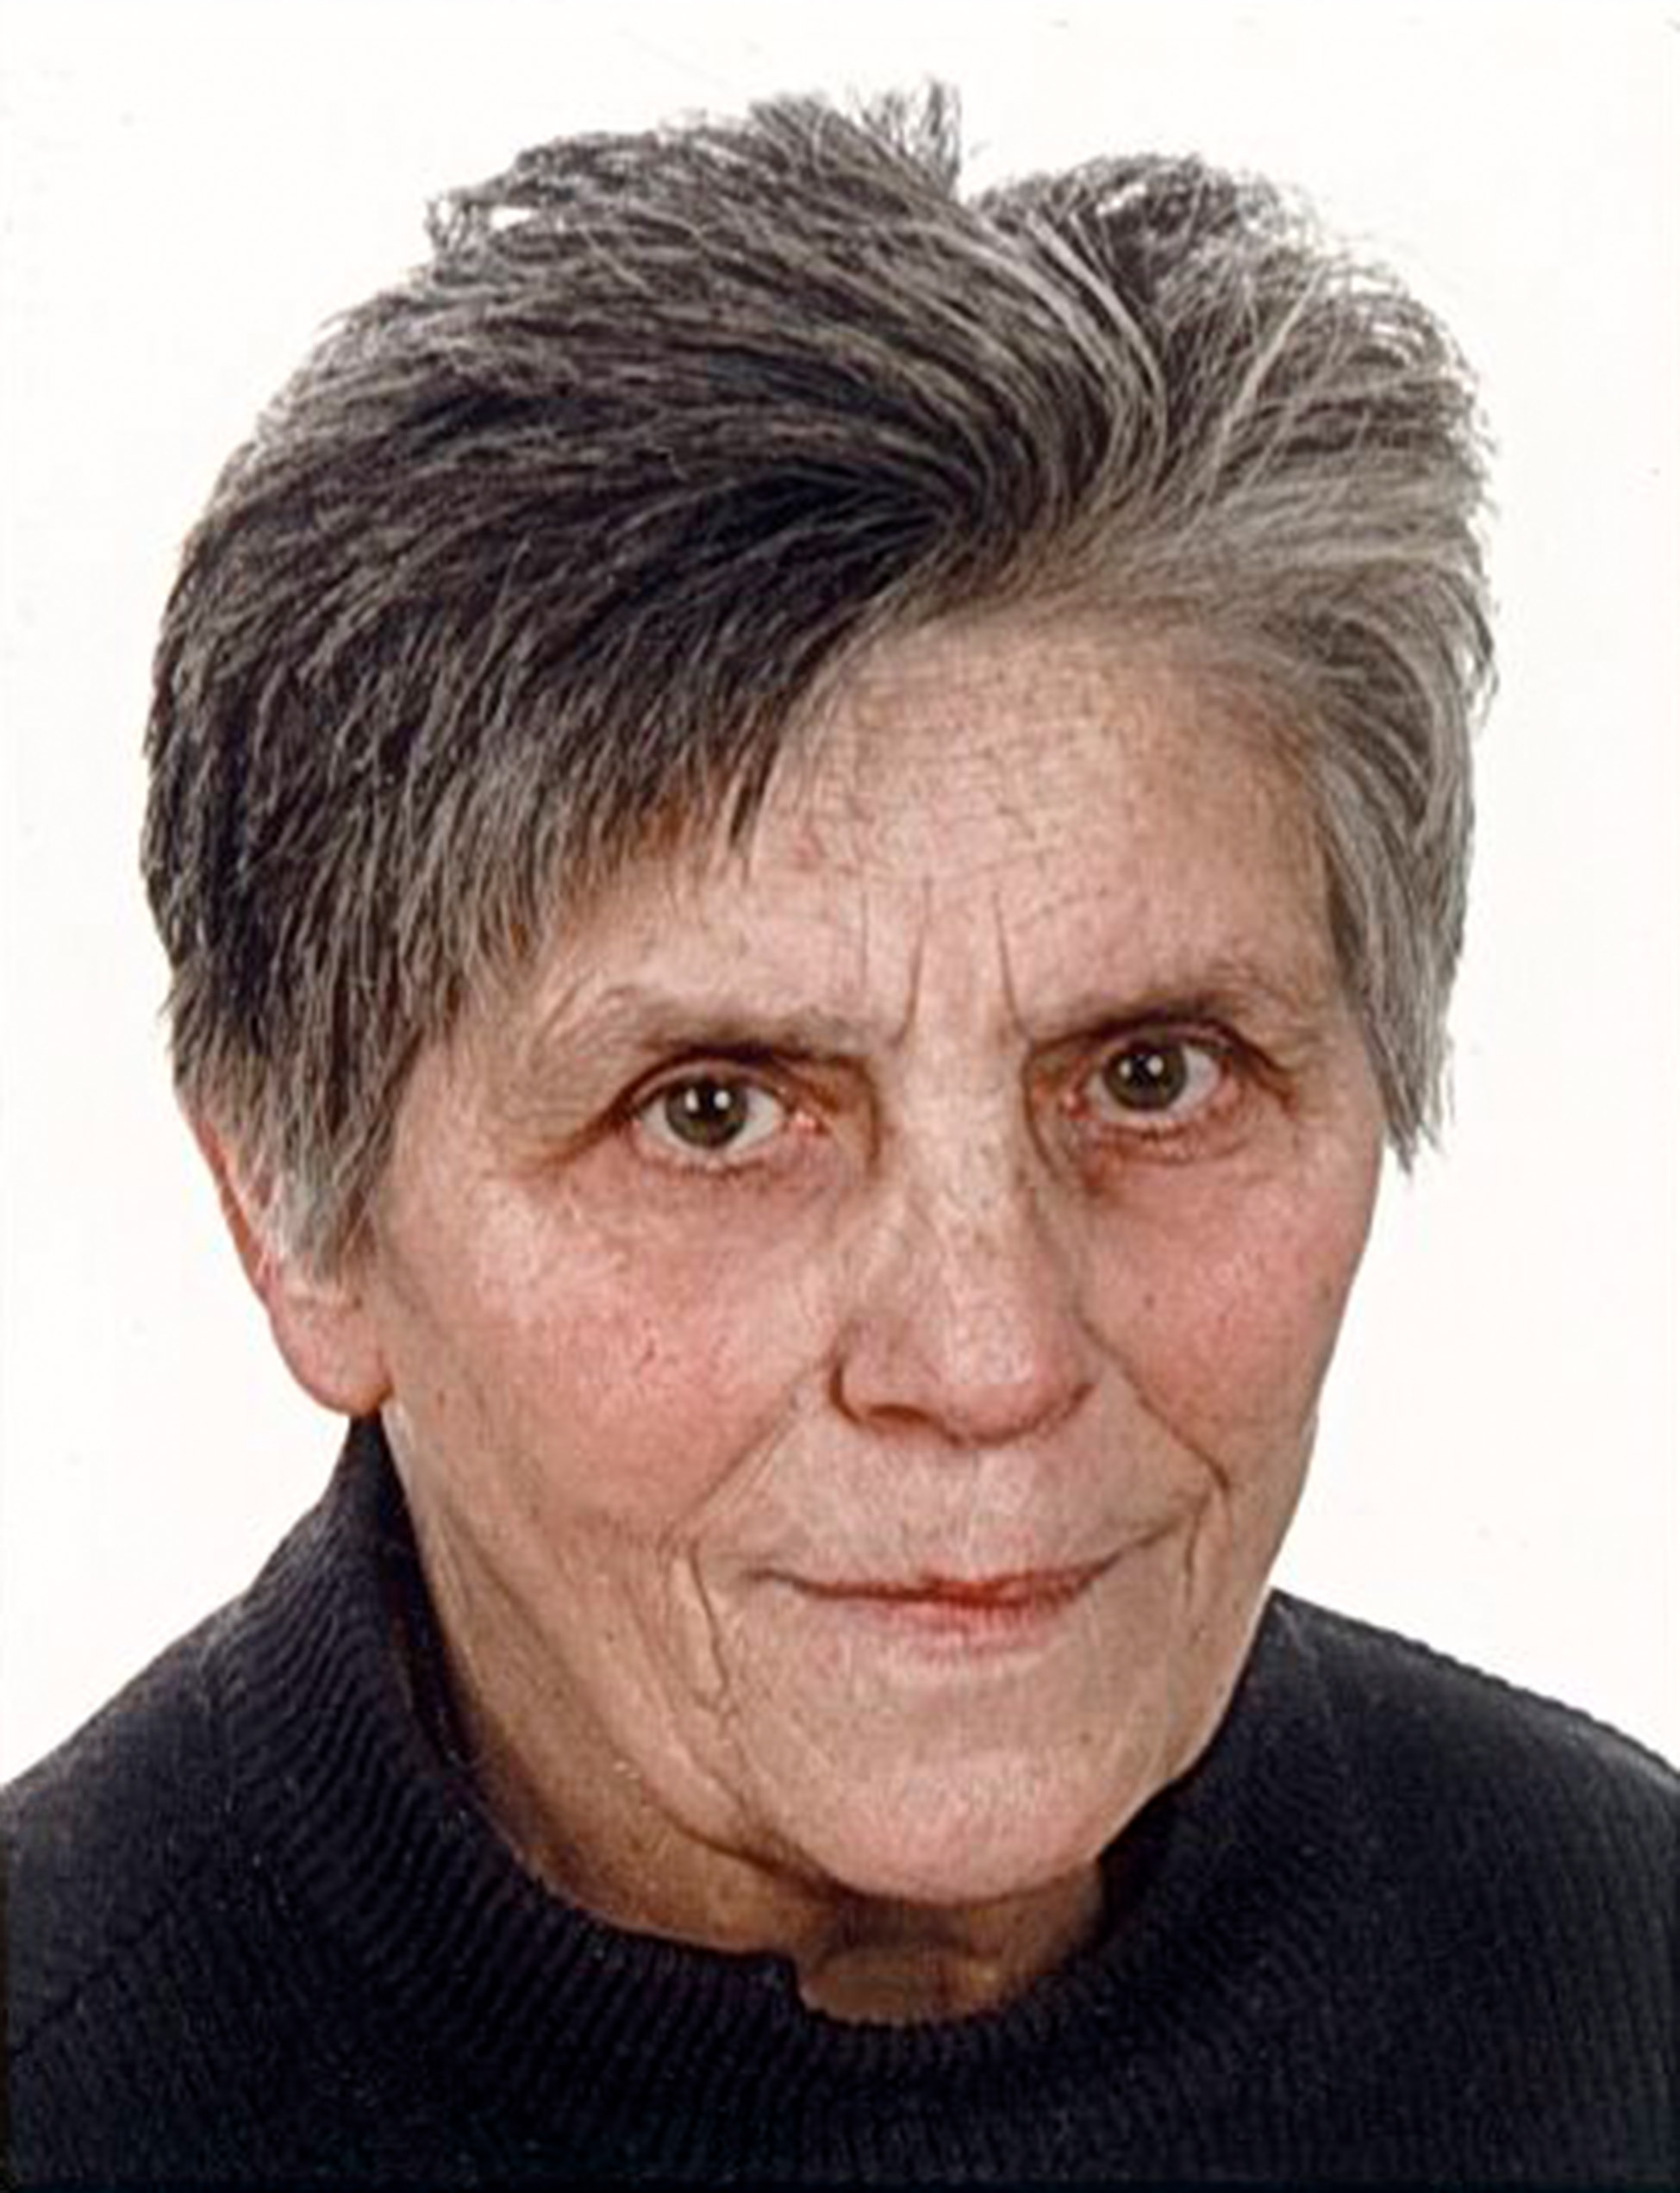 Rita Salomon